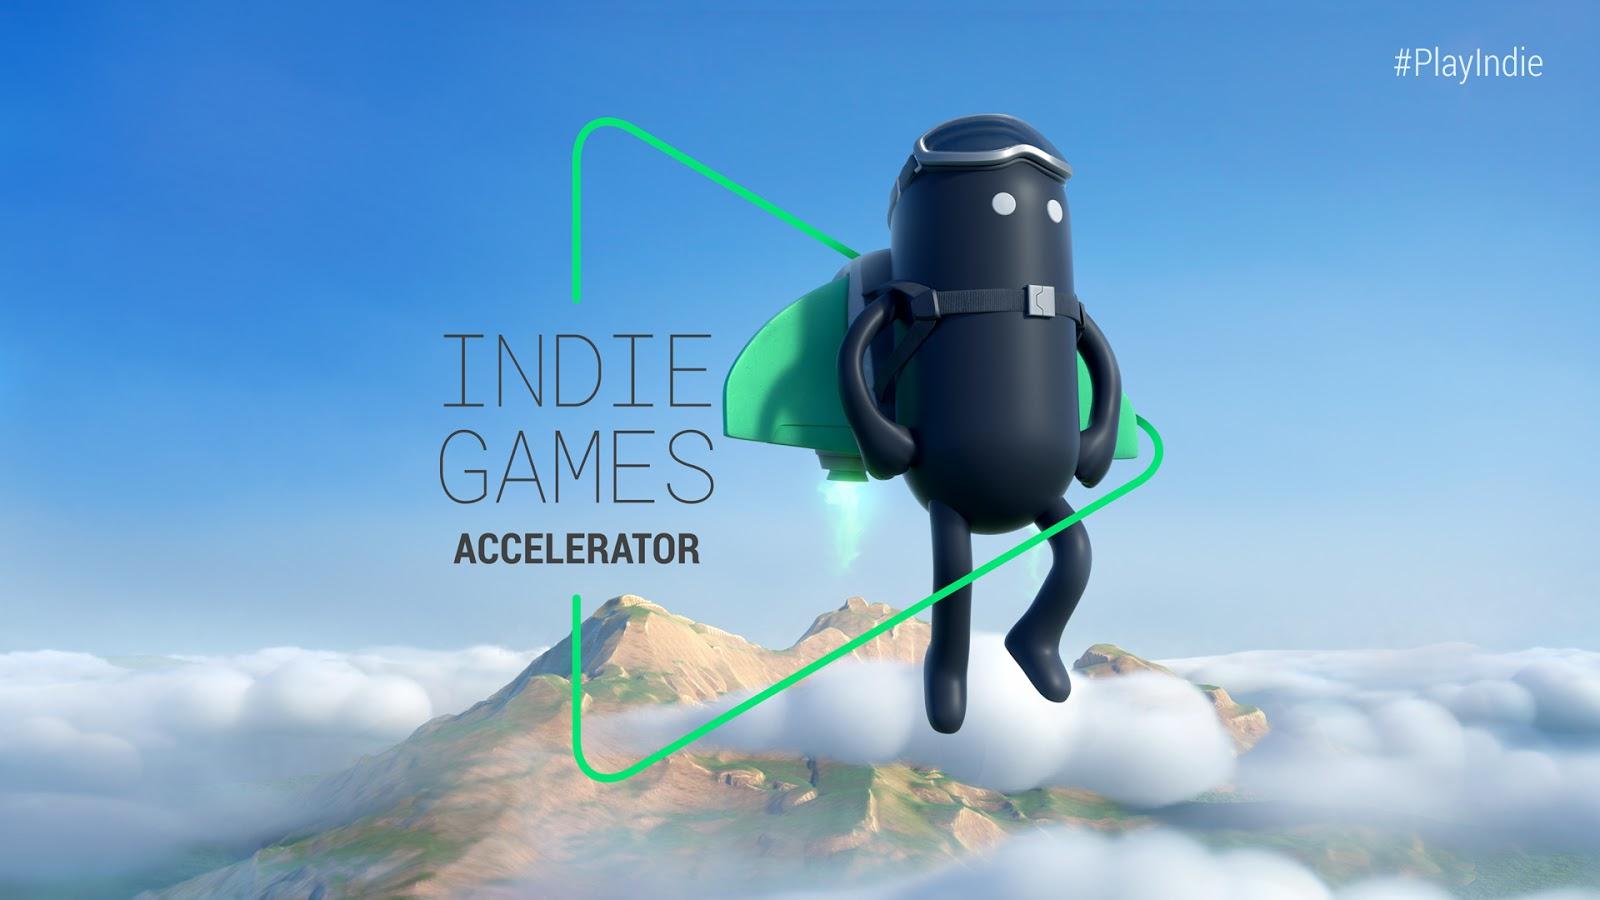 Permohonan Google Indie Games Accelerator 2019 Telah Dibuka – Bina, Lancar & Pasarkan Game Sendiri!